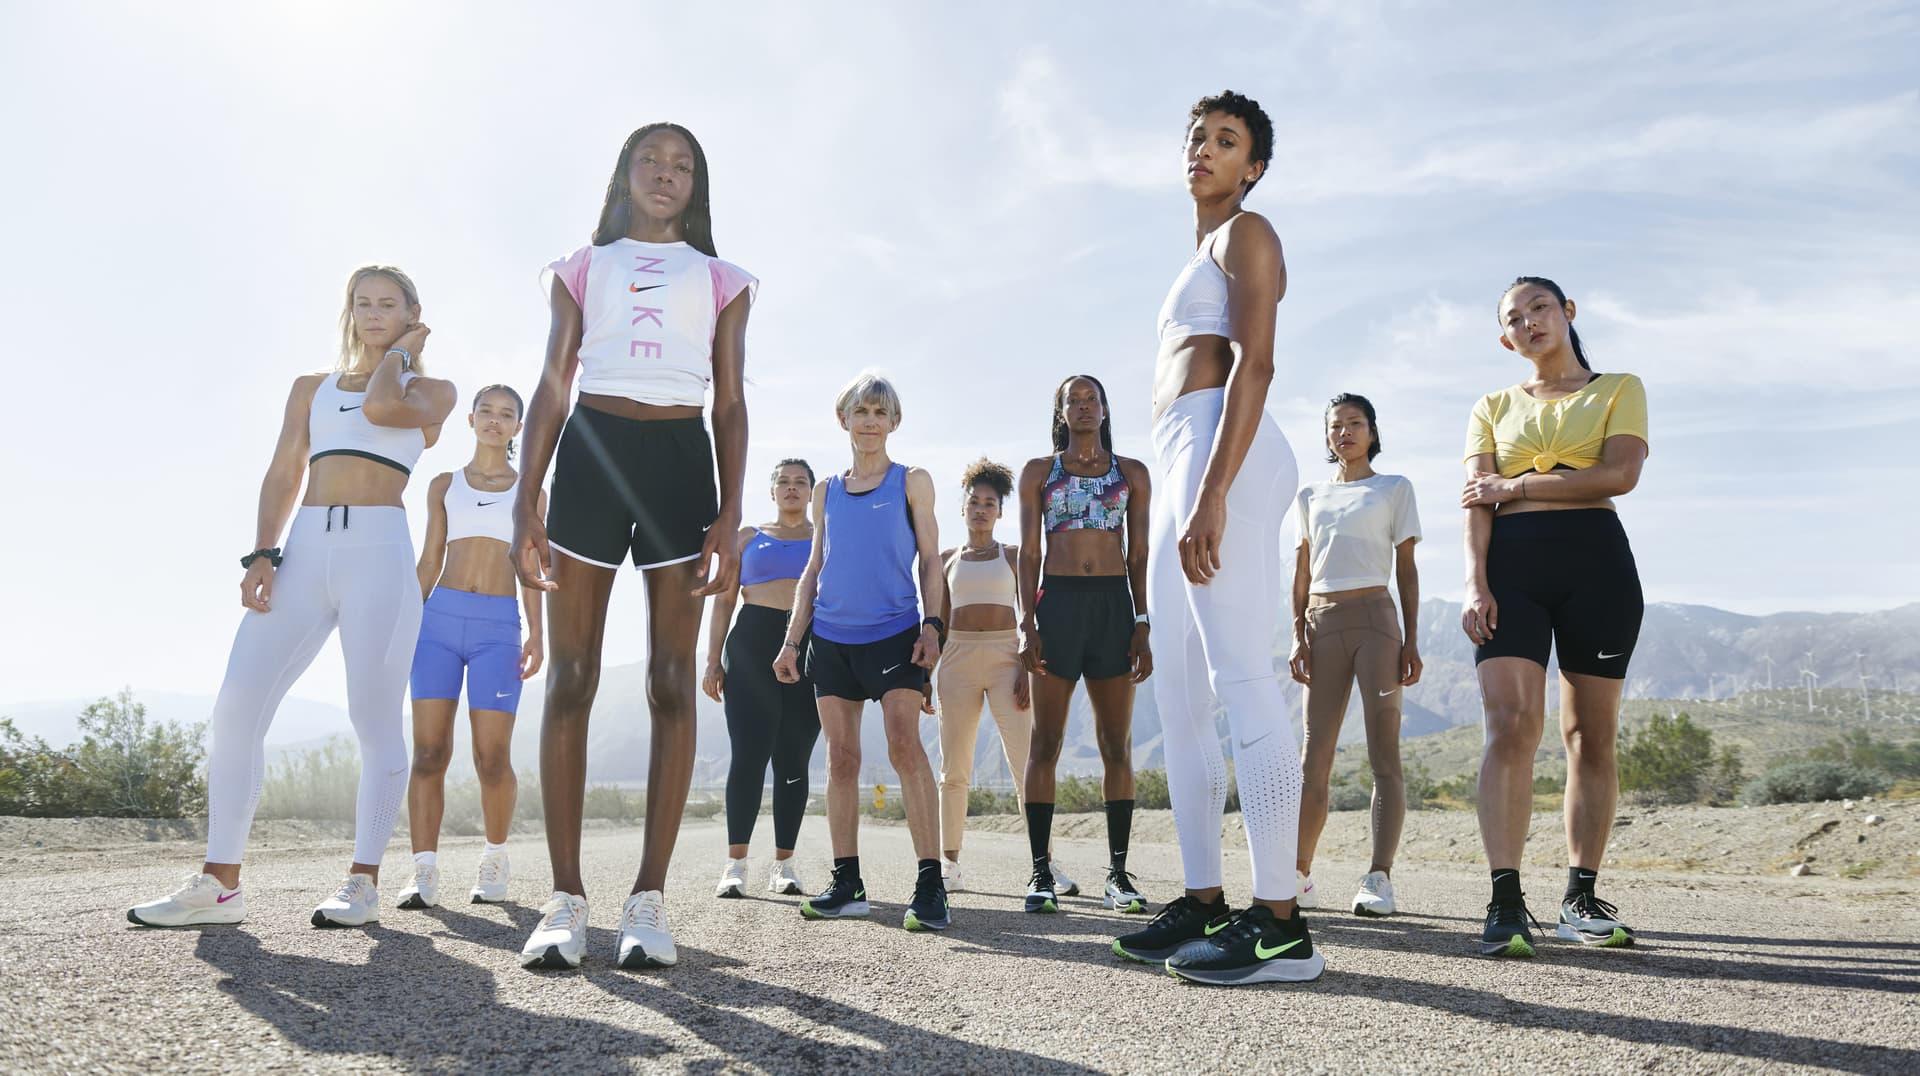 """Nike: Chiến thuật xây dựng thương hiệu """"chiếc gương lệch"""" marketingreview.vn 4"""